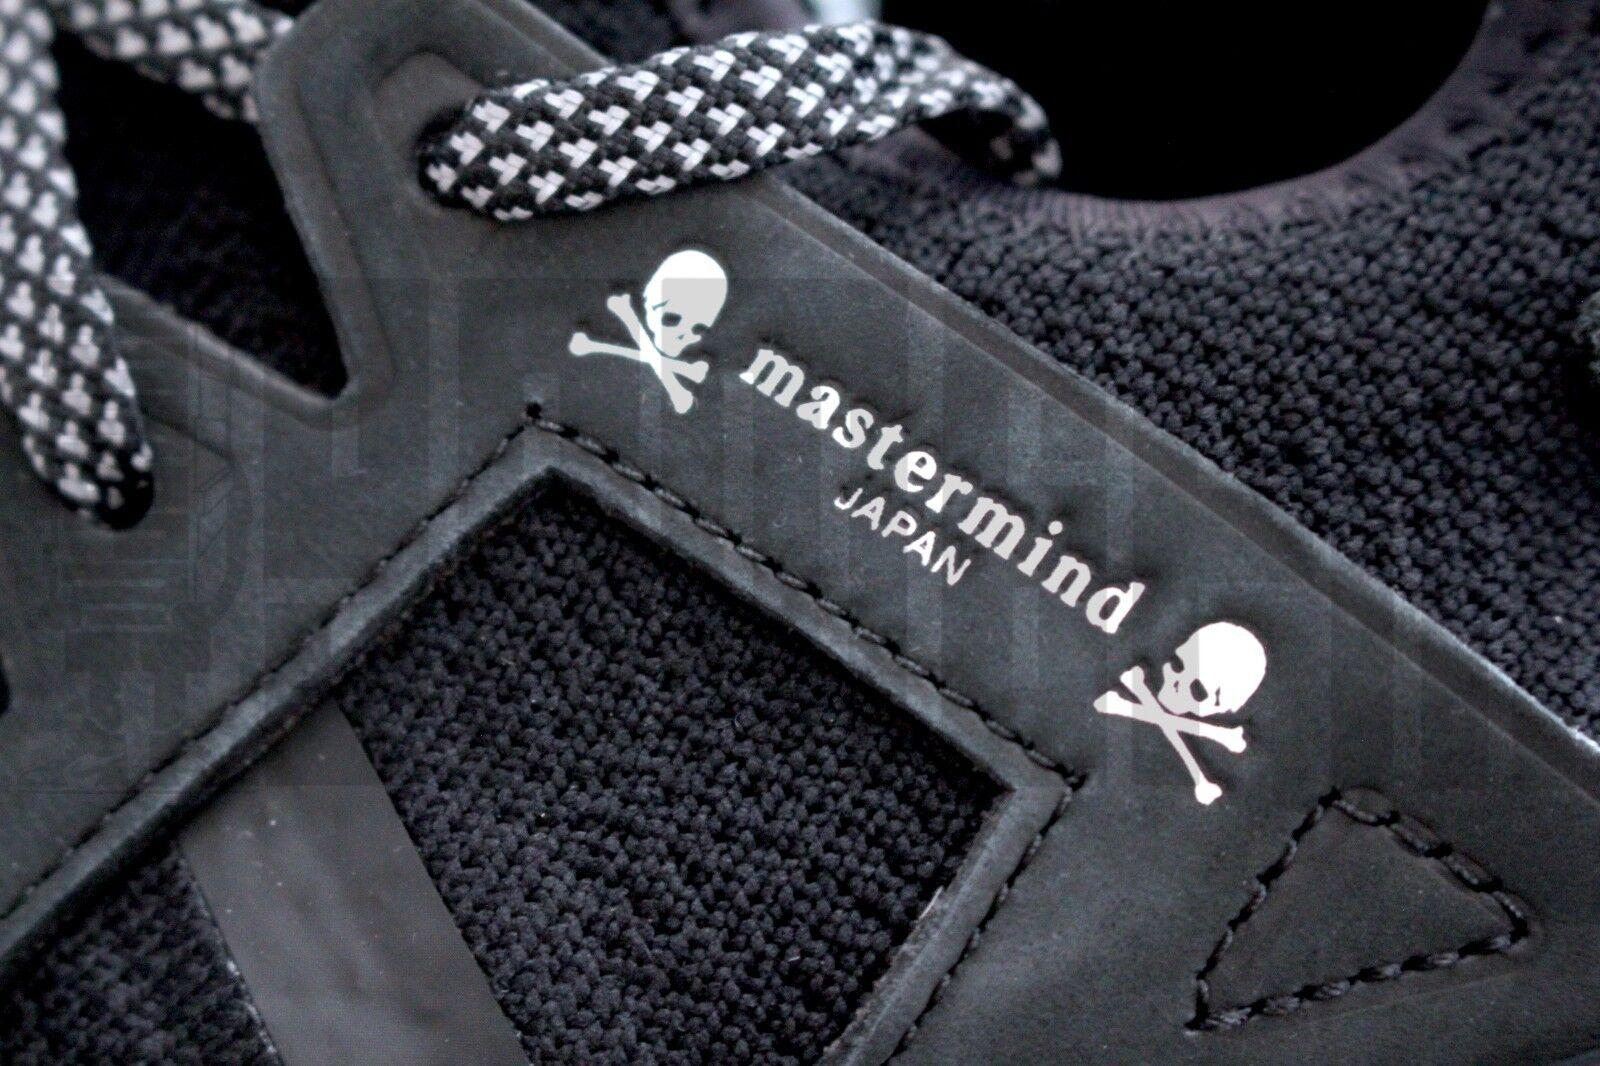 Adidas NMD XR1 Mmj 6 11 7 8 9 10 11 6 12 13 Mastermind Japan Negro primeknit PK Boost 4ad690